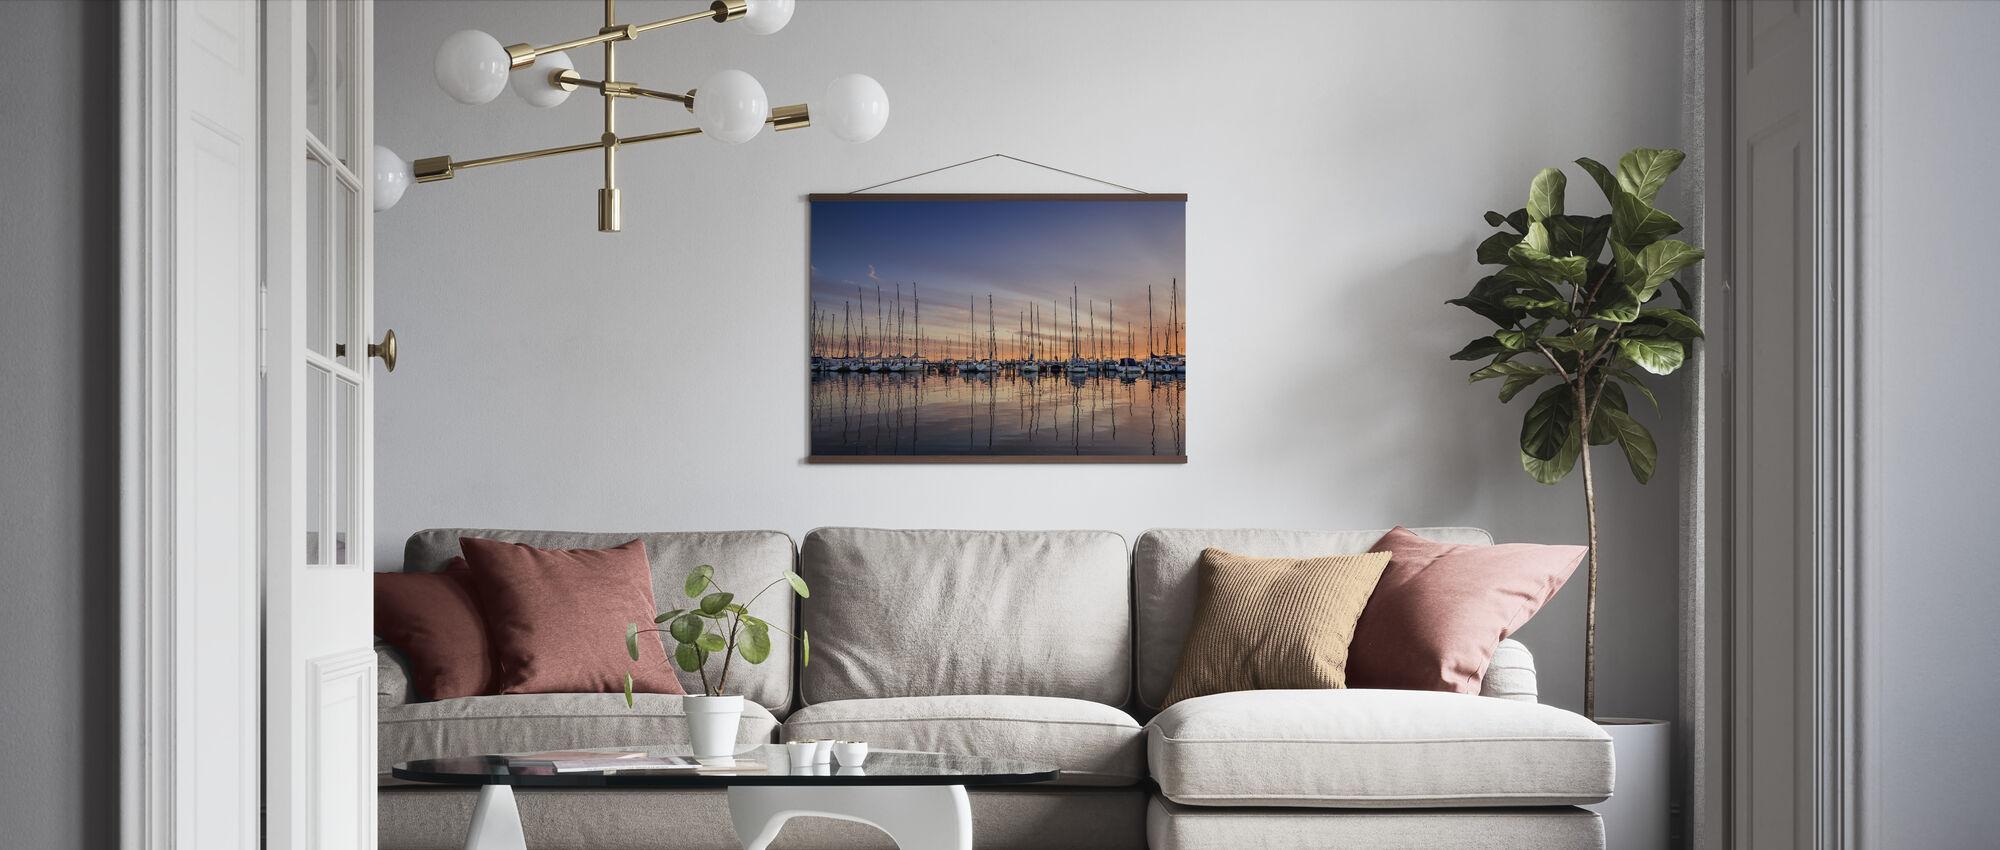 Sailboats in Sunset, Gothenburg Sweden - Poster - Living Room